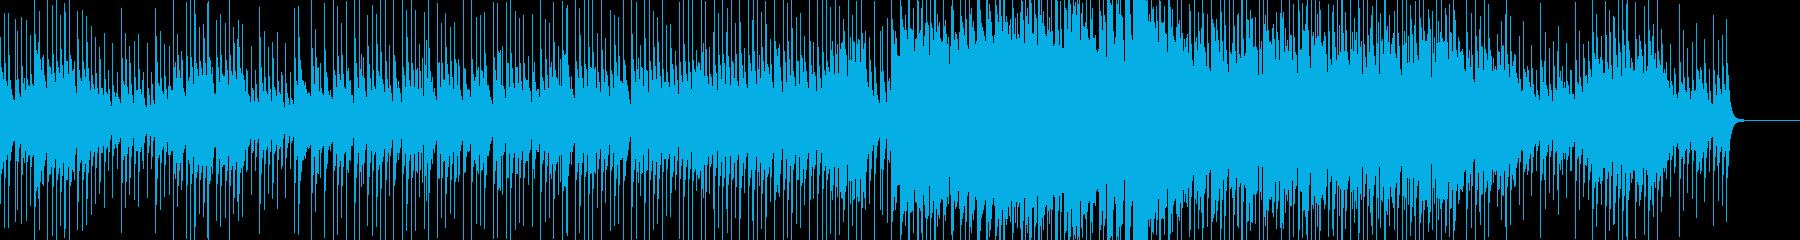 ポップで独特なバラードの再生済みの波形